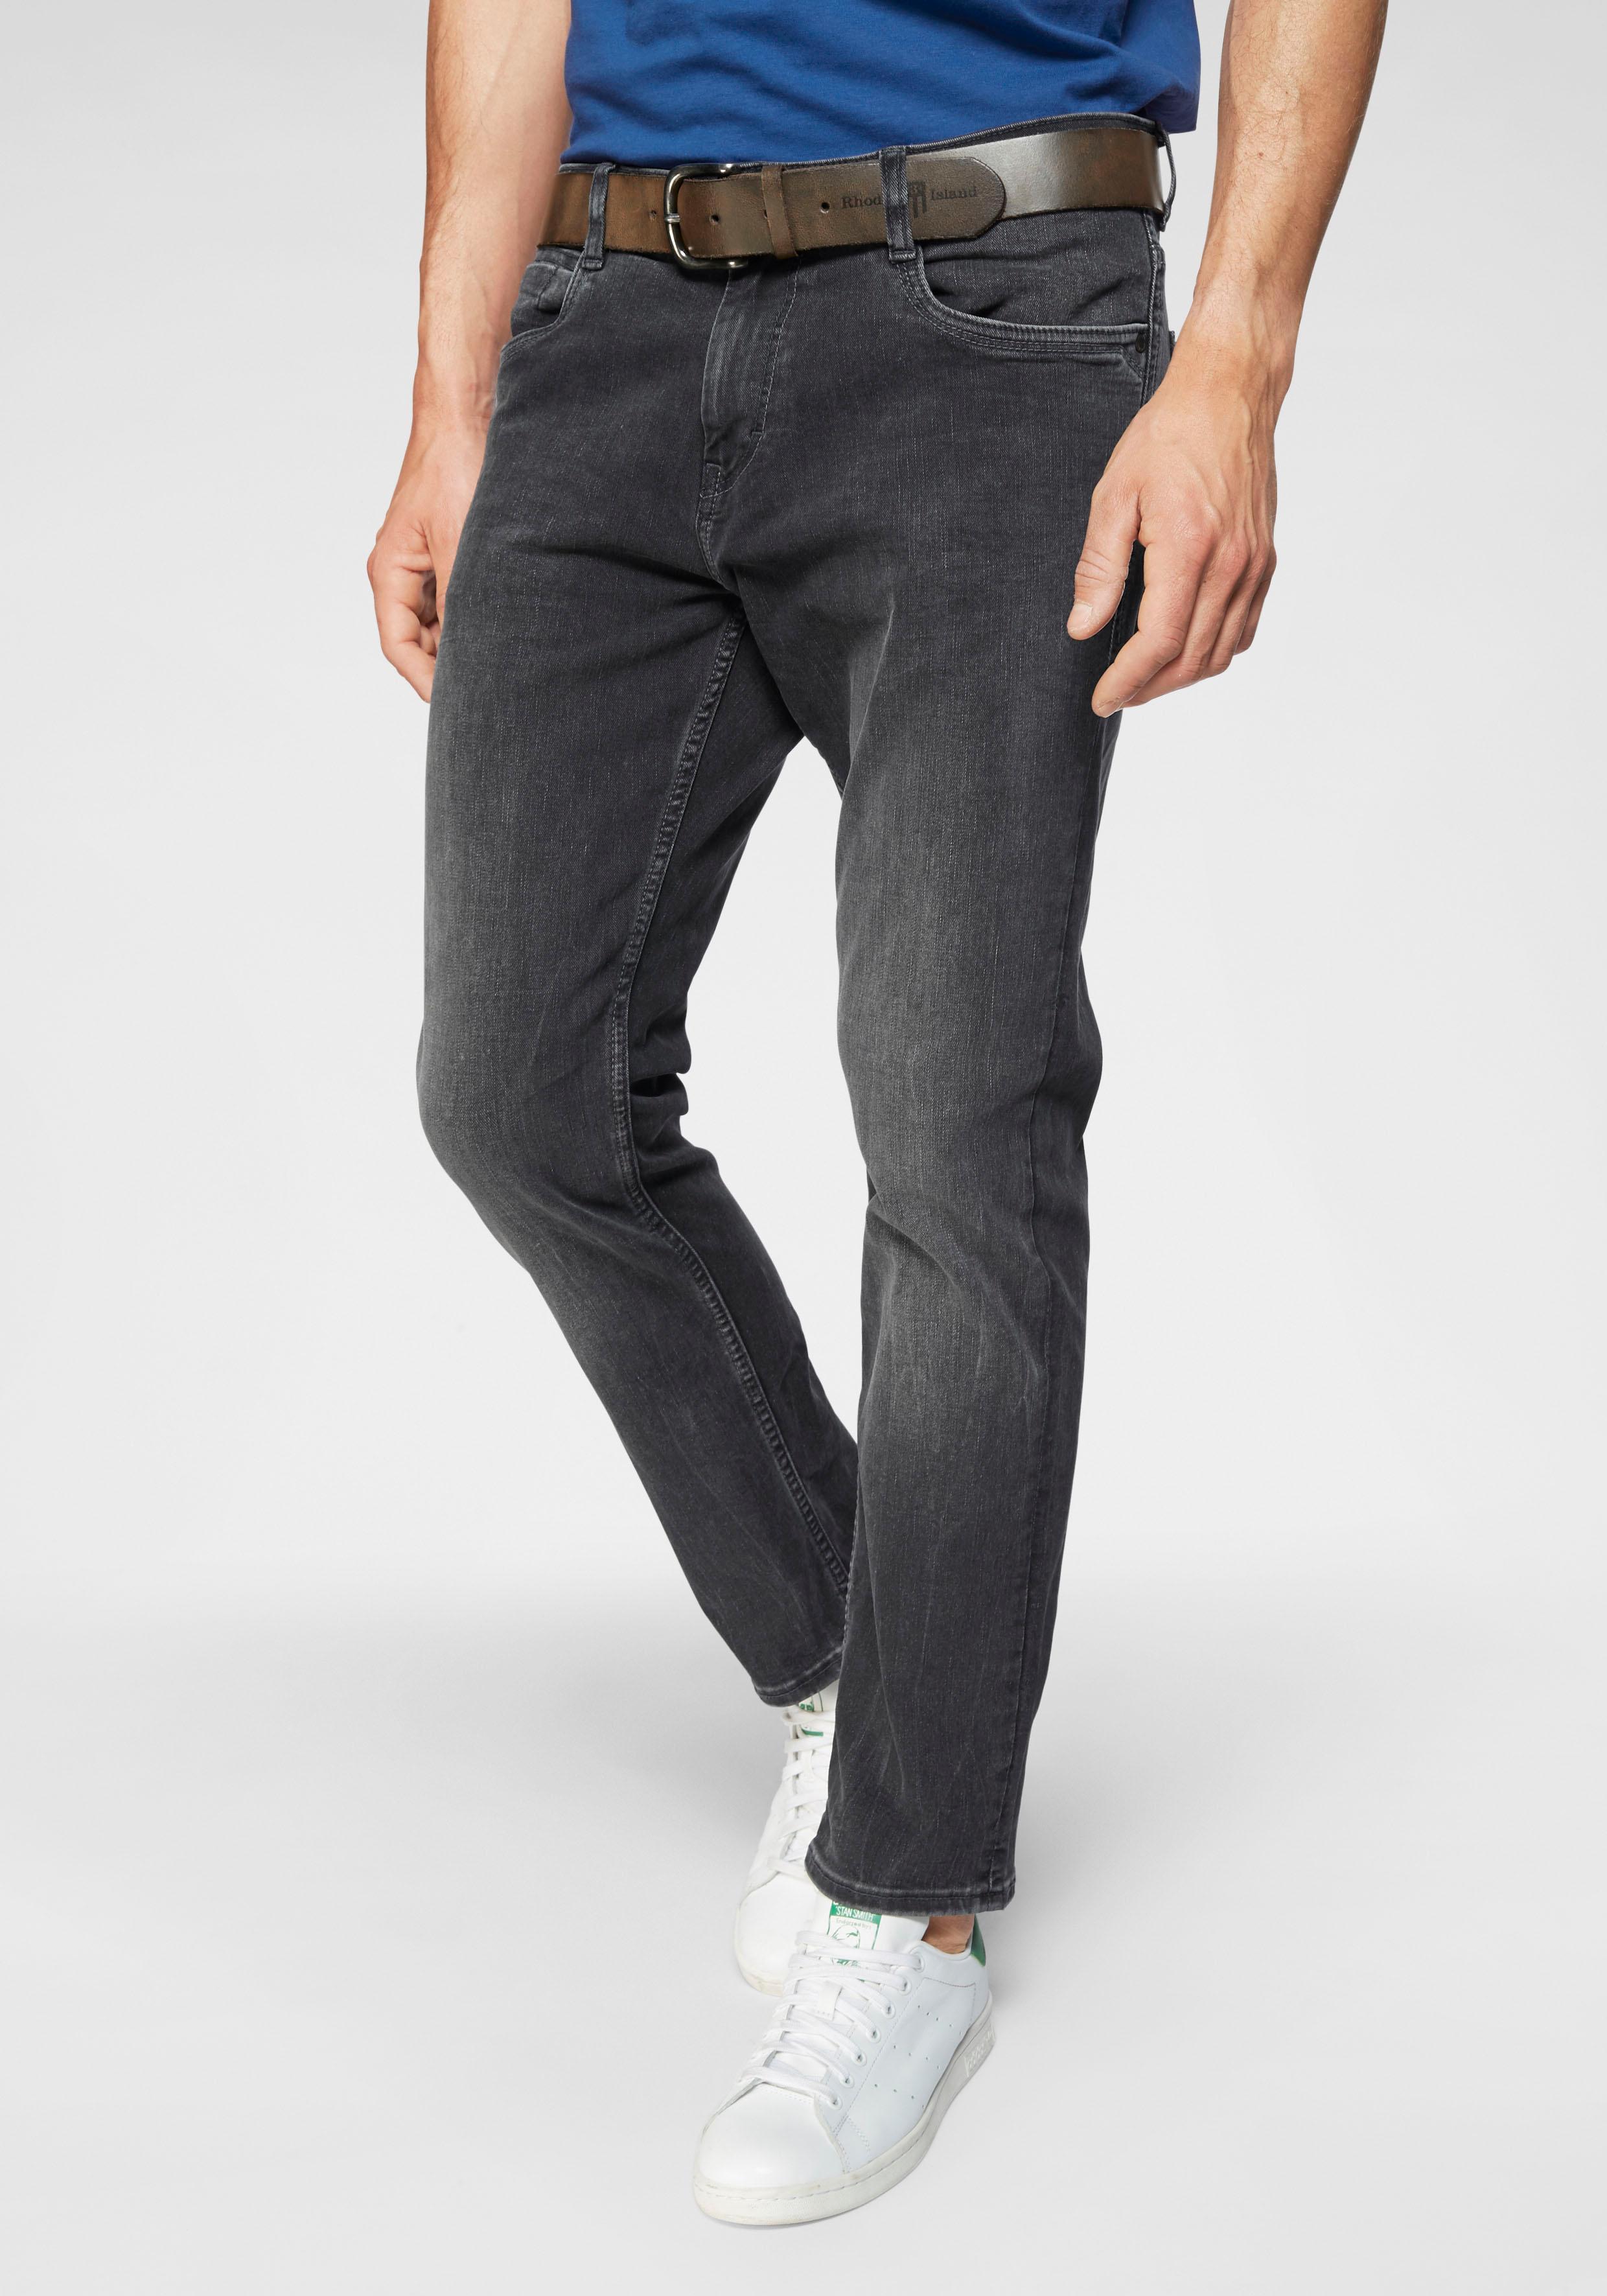 TOM TAILOR 5-Pocket-Jeans Josh | Bekleidung > Jeans > Sonstige Jeans | Tom Tailor